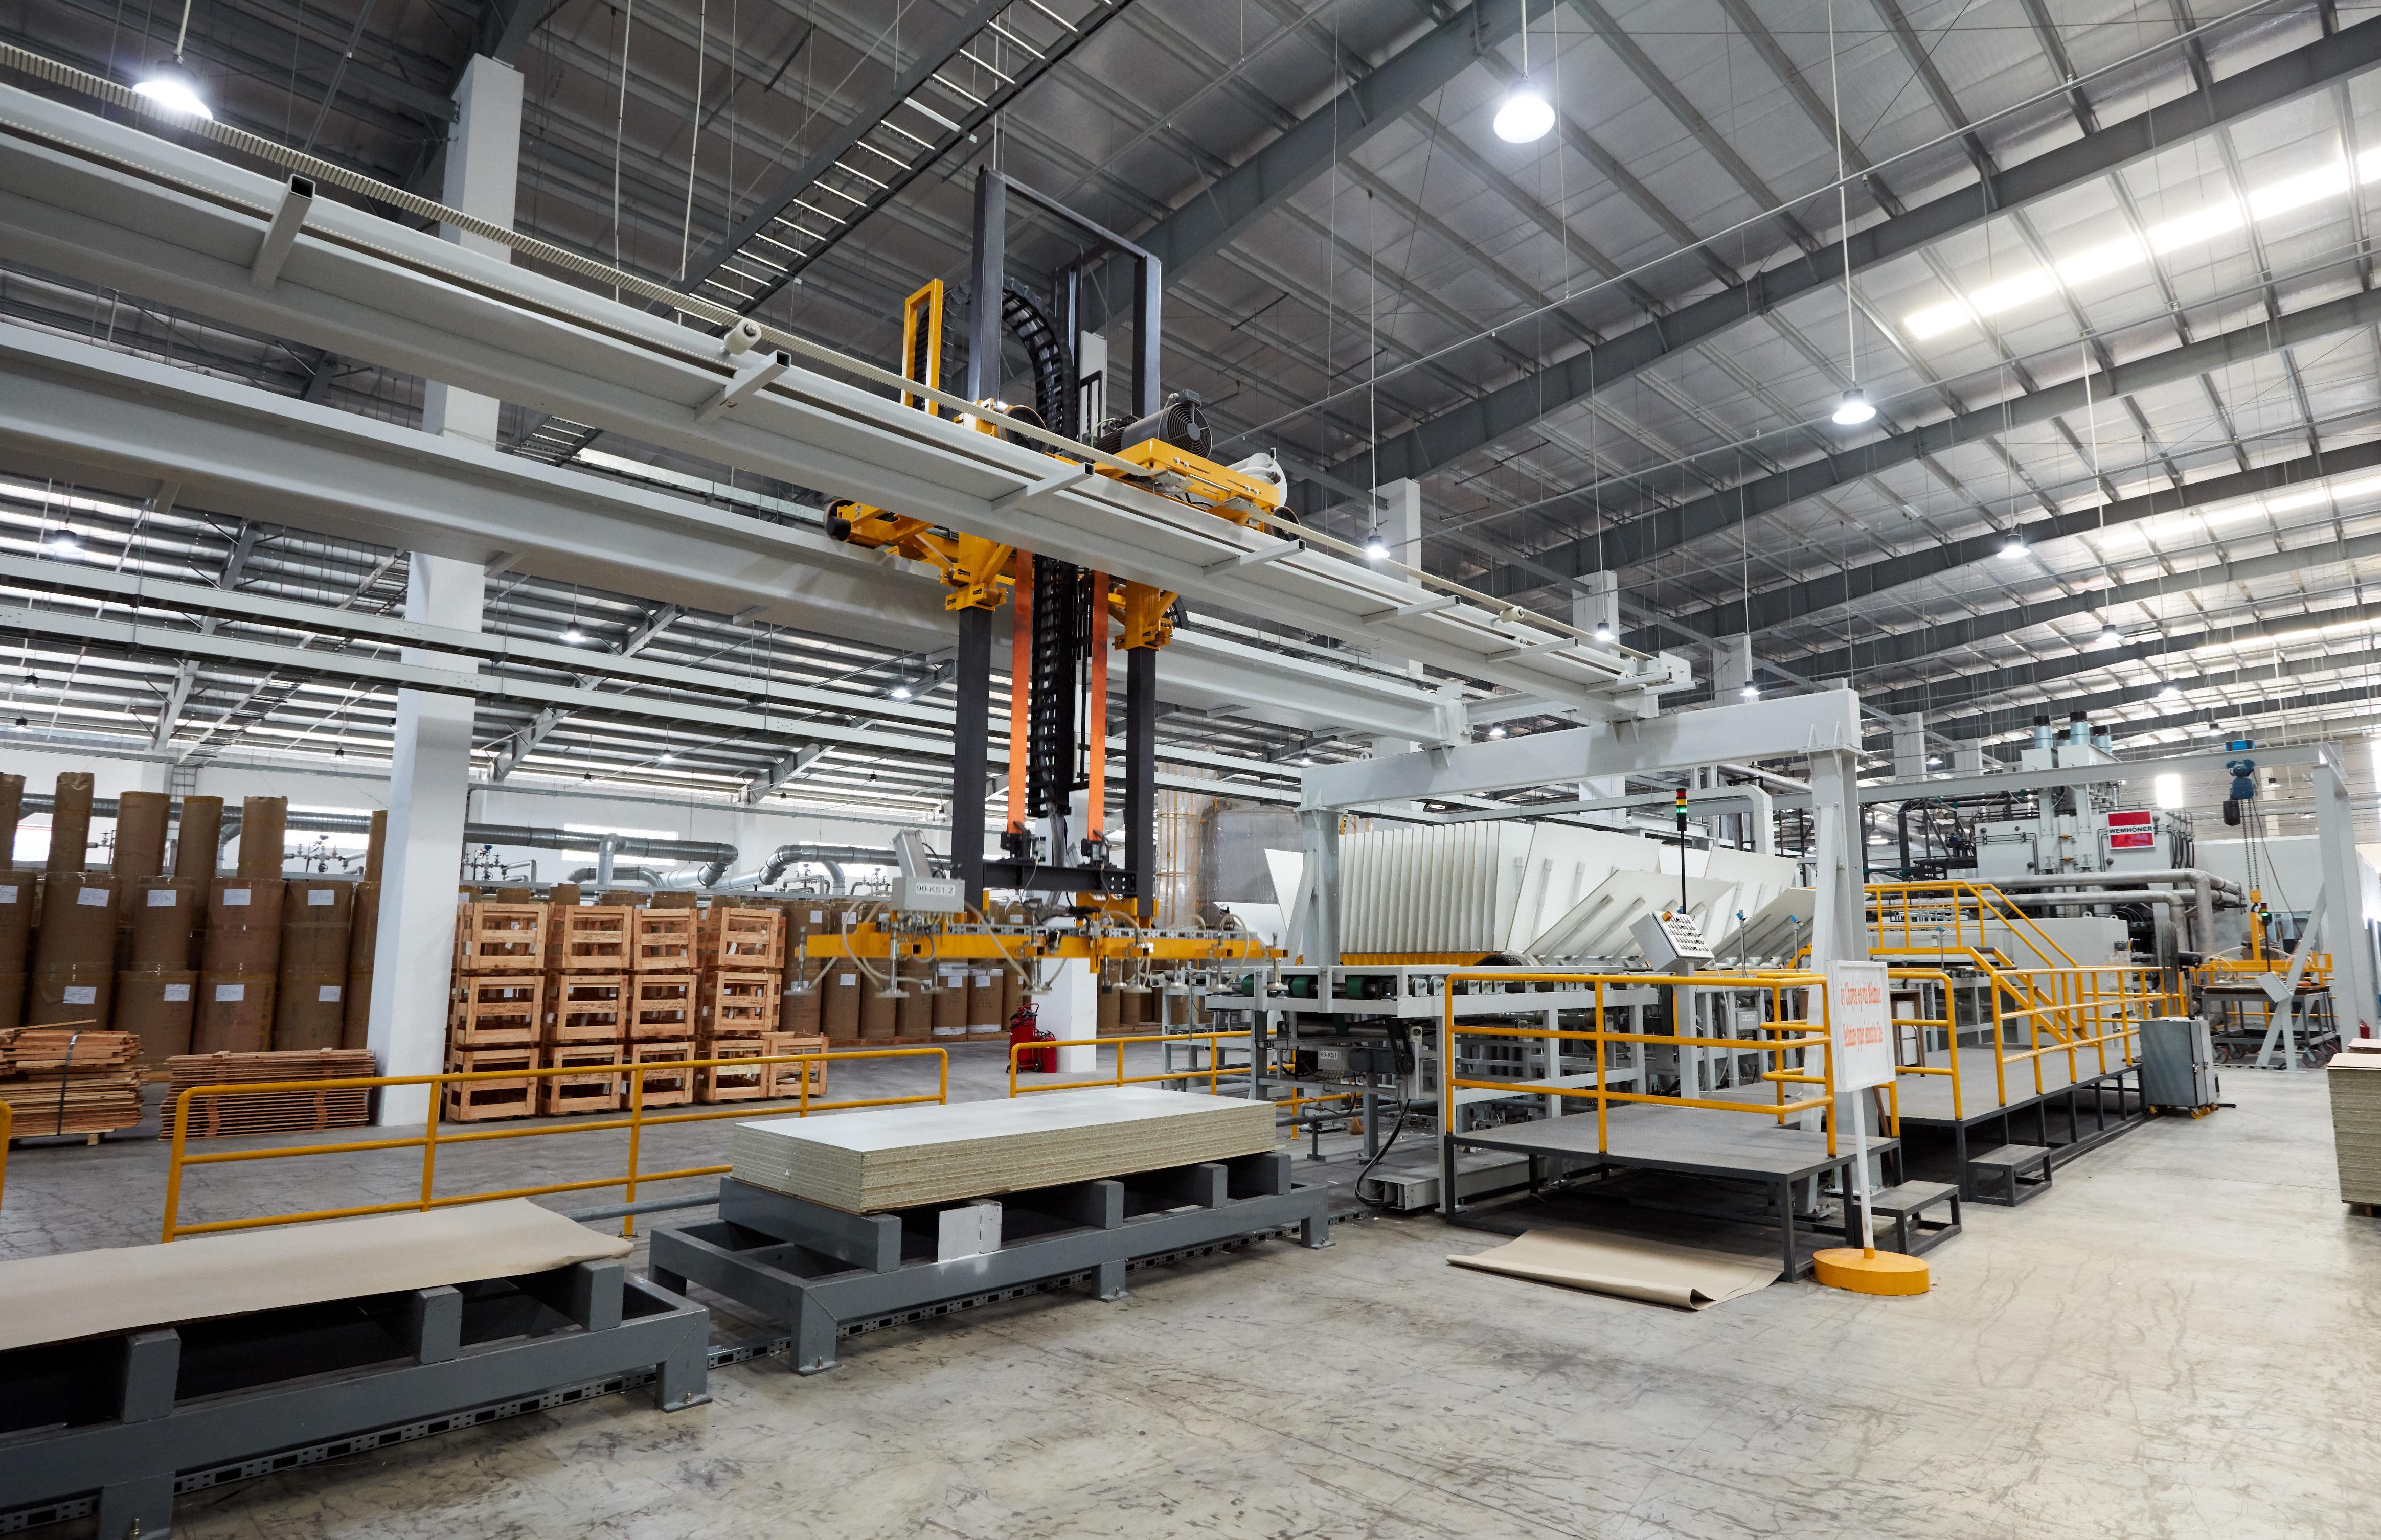 An Cường đầu tư nhà máy theo công nghệ hiện đại lên đến hàng trăm triệu USD.